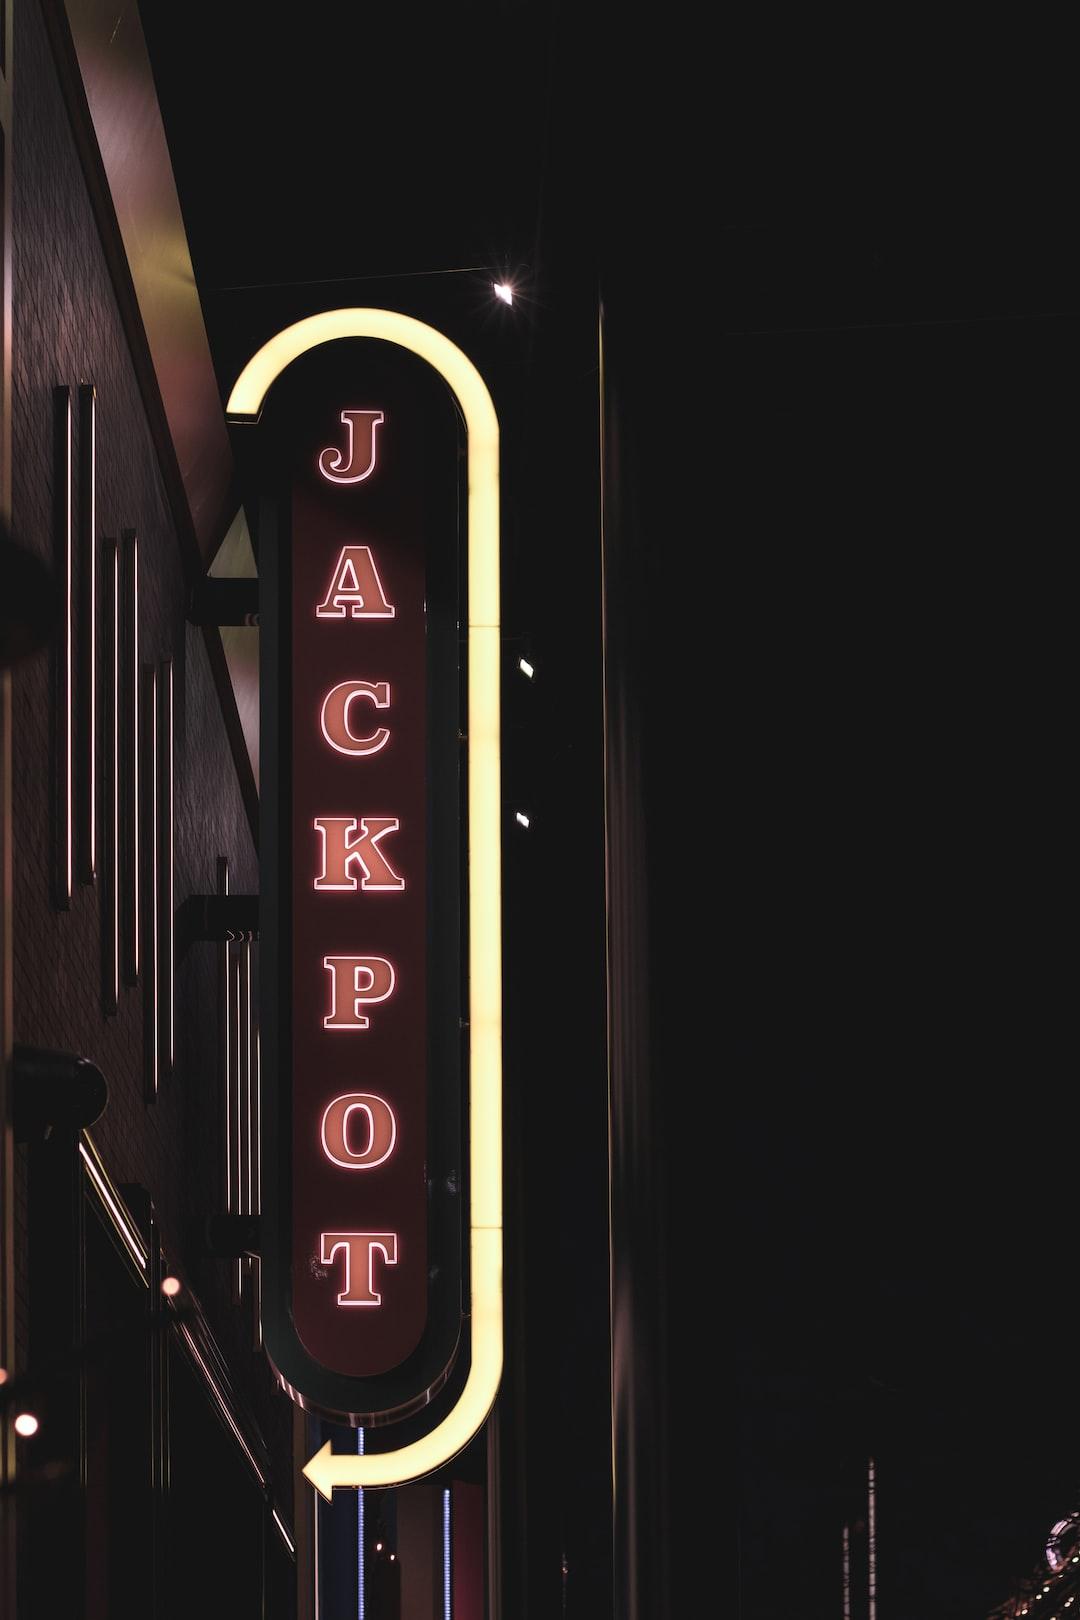 Jackpot neon sign.